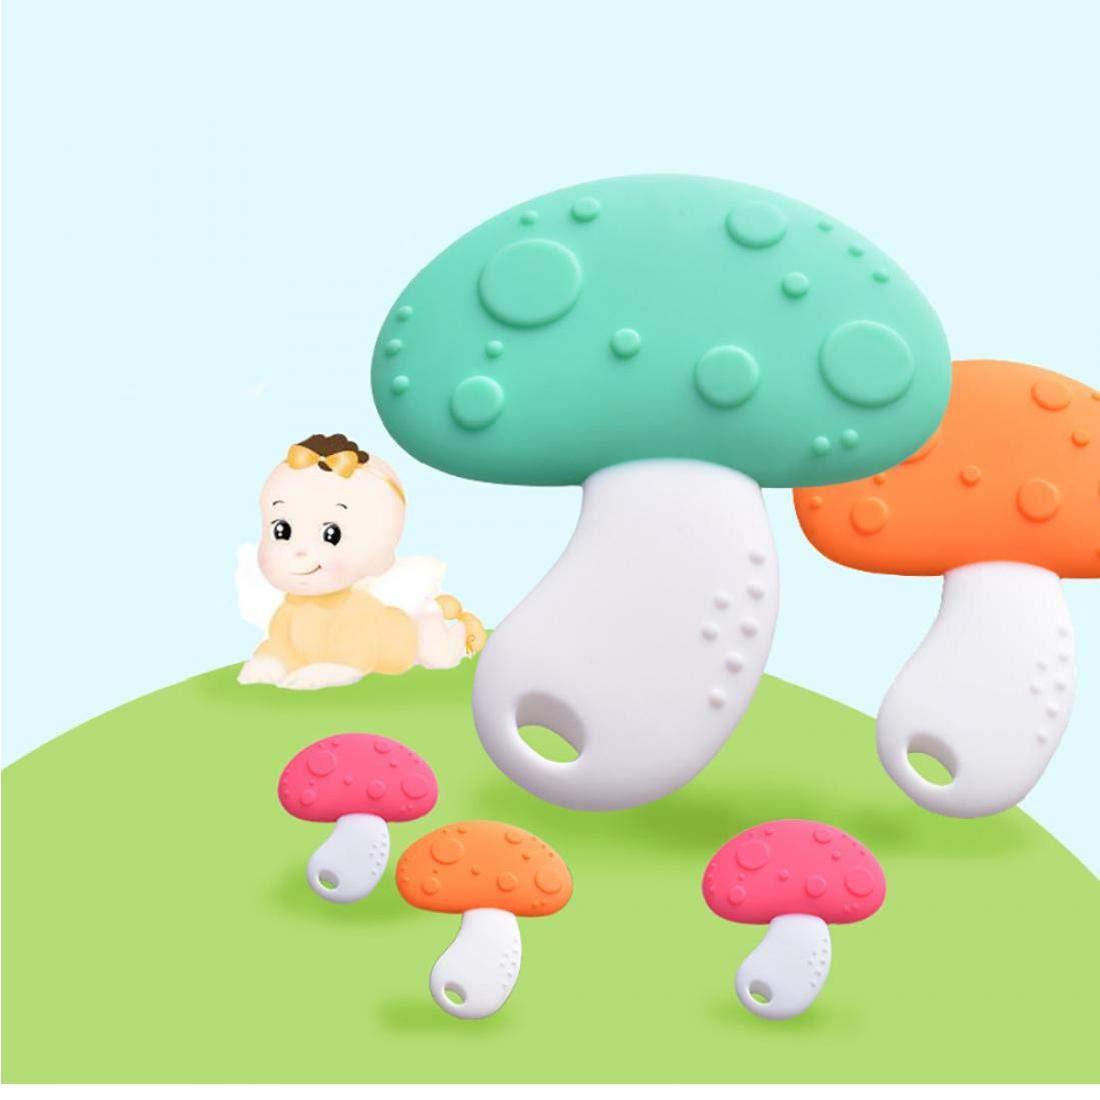 Orange hvxjxk Silikon-Baby-Bei/ßringe Molar-Stick Spielzeug Pilzform S/äuglingskleinkind Greiflinge Weiche Z/ähne Bei/ßen Stock-Kinder Kauspielzeugen